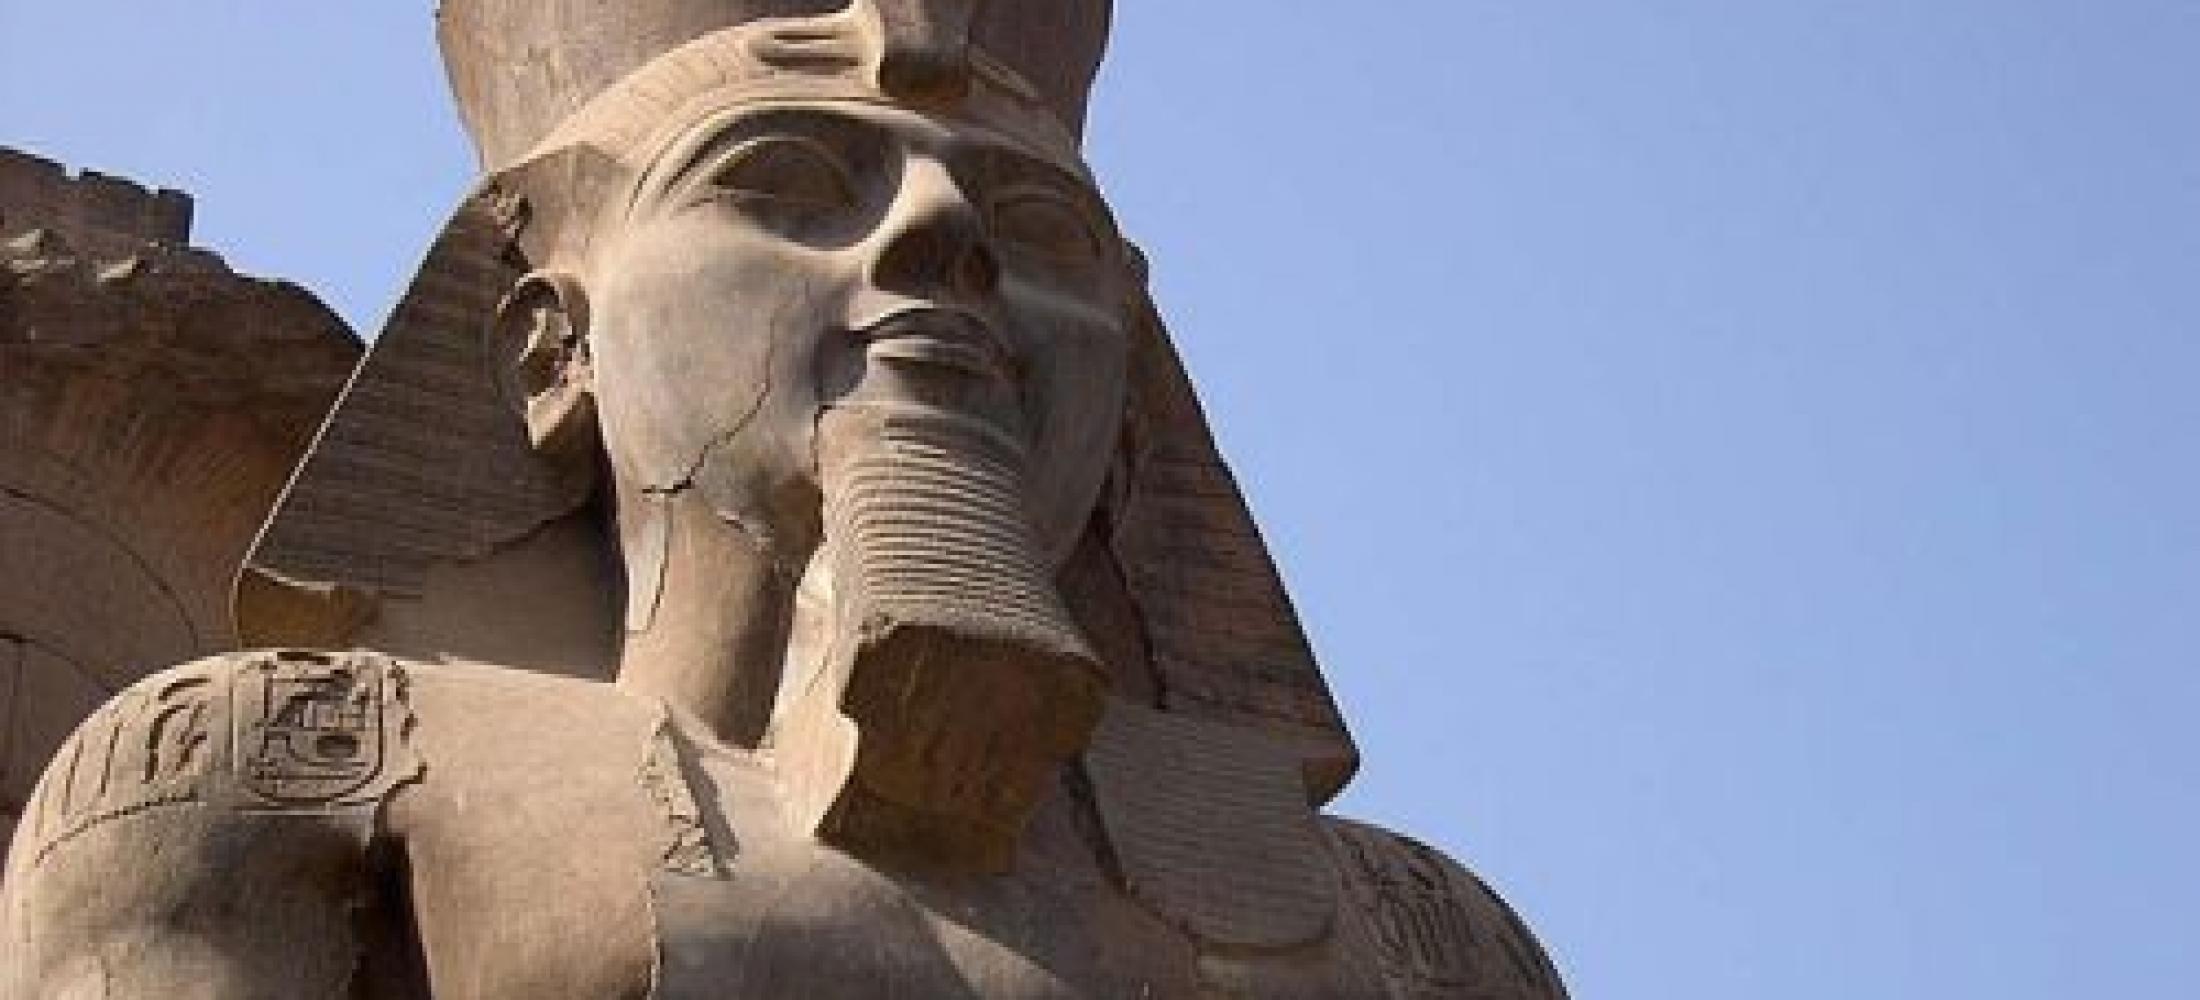 Ра и змей (Египетские мифы)